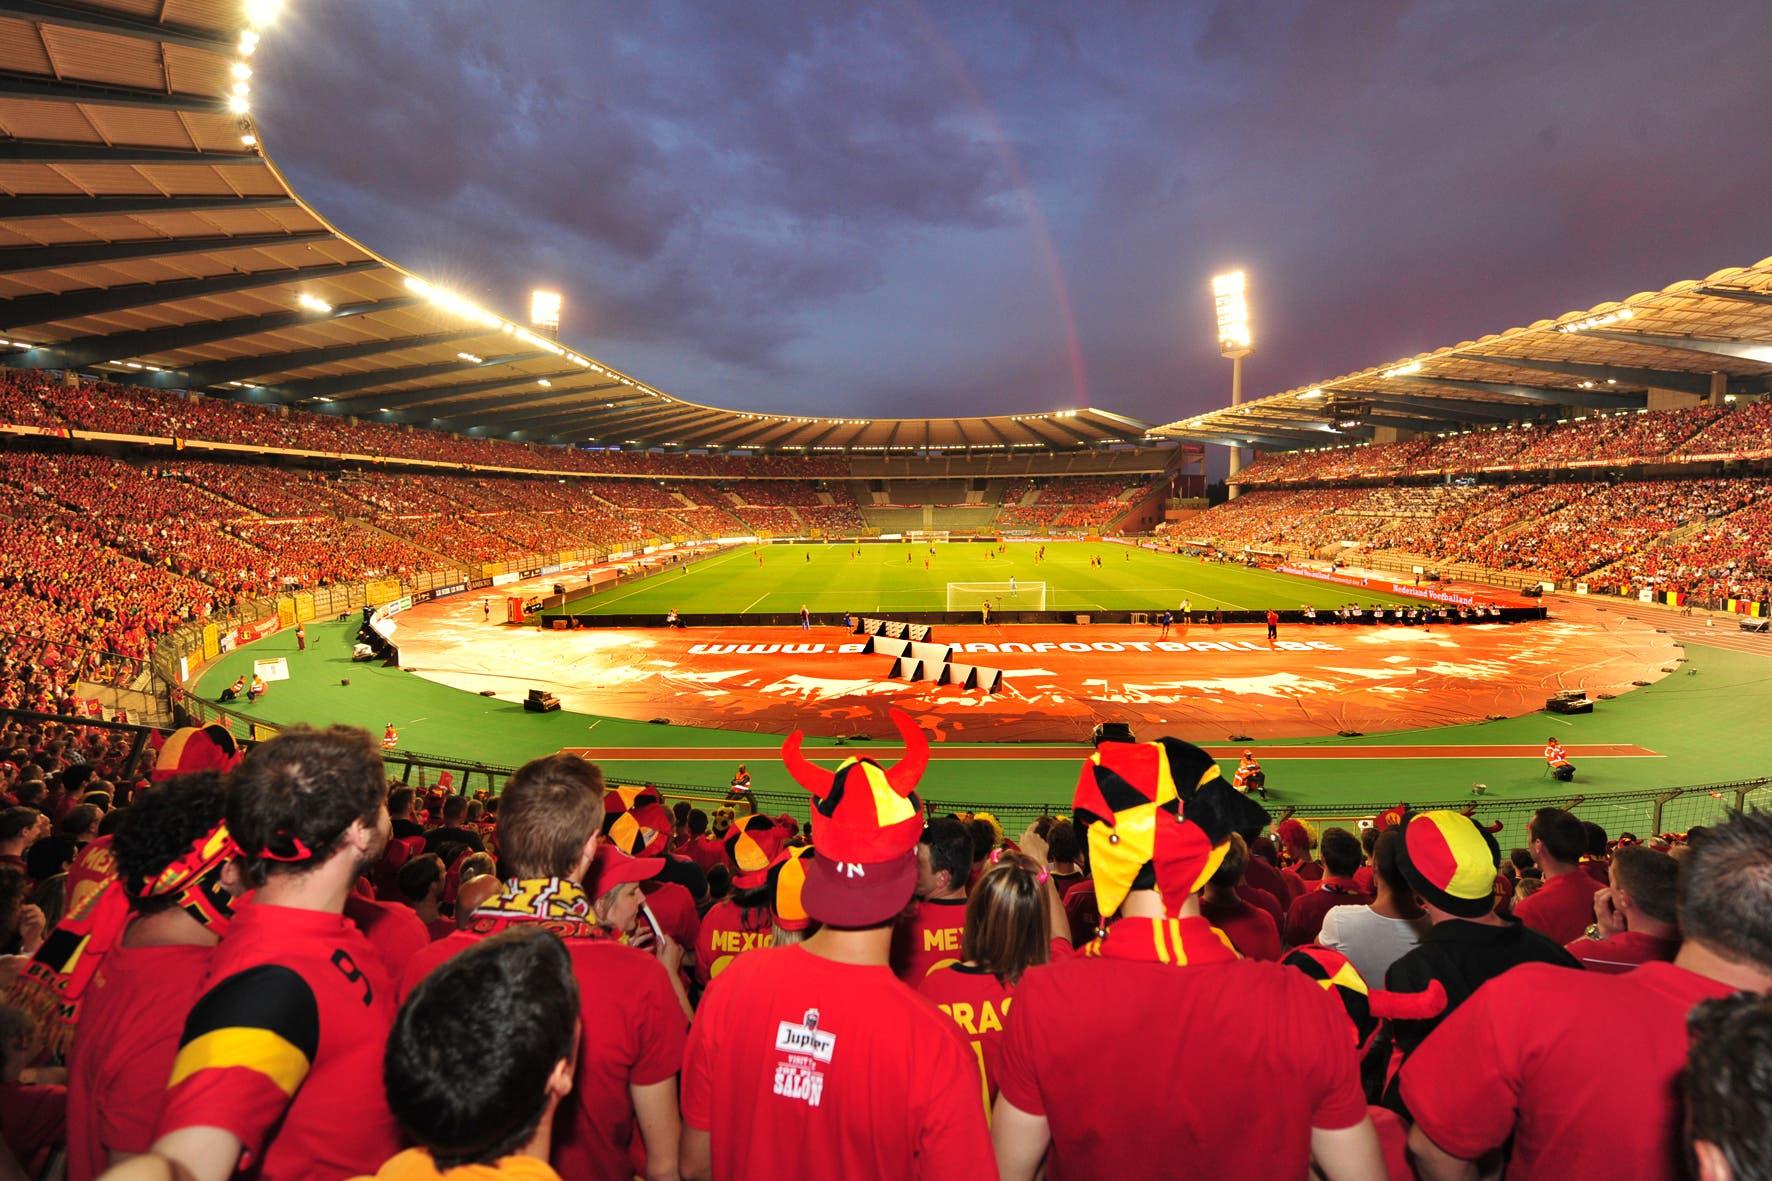 الجماهير البلجيكية تملأ مدرجات الملعب الشهير